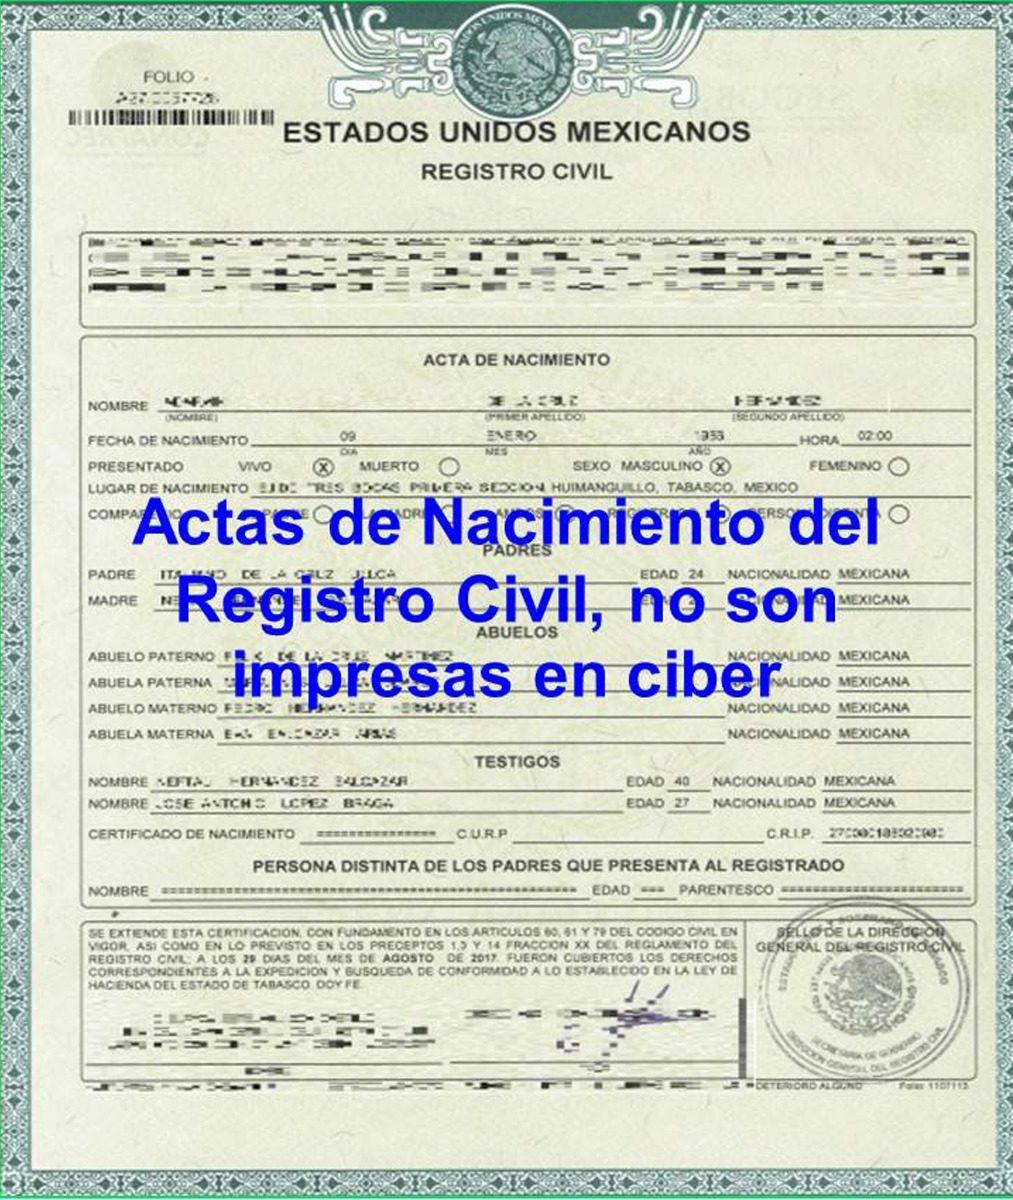 Atractivo Certificado De Nacimiento Somerville Elaboración - Cómo ...